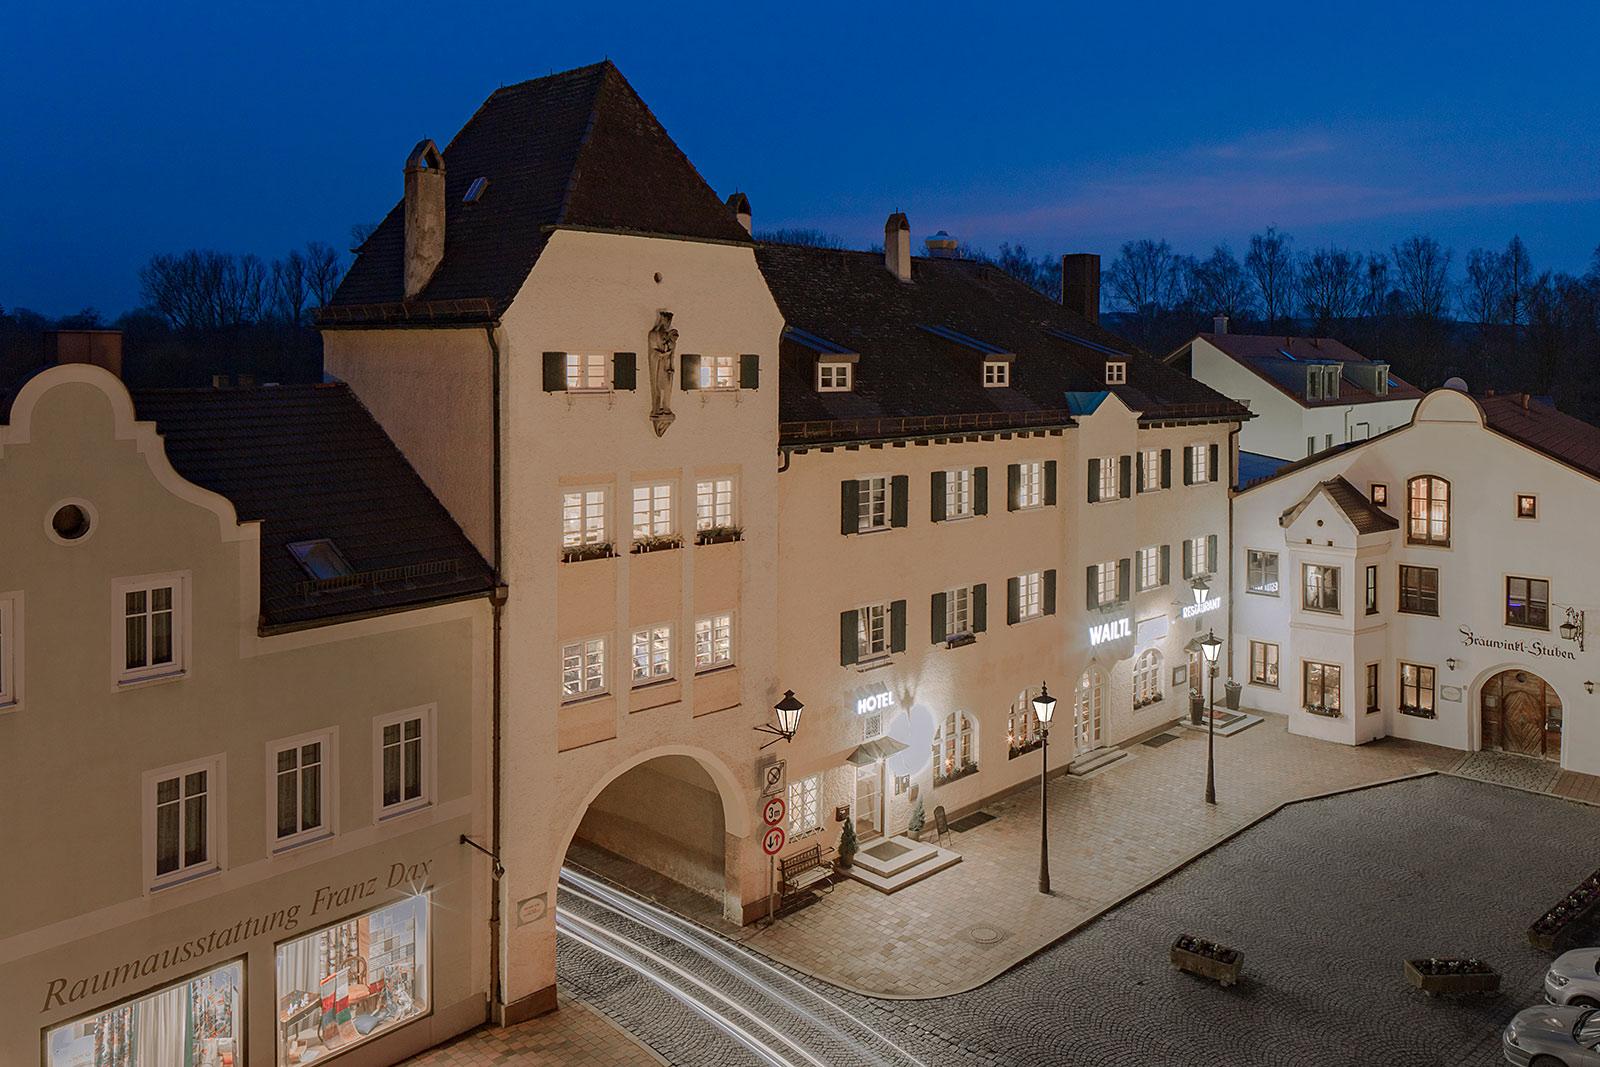 Hotelfotografie, Hotel Architekturfotograf in München